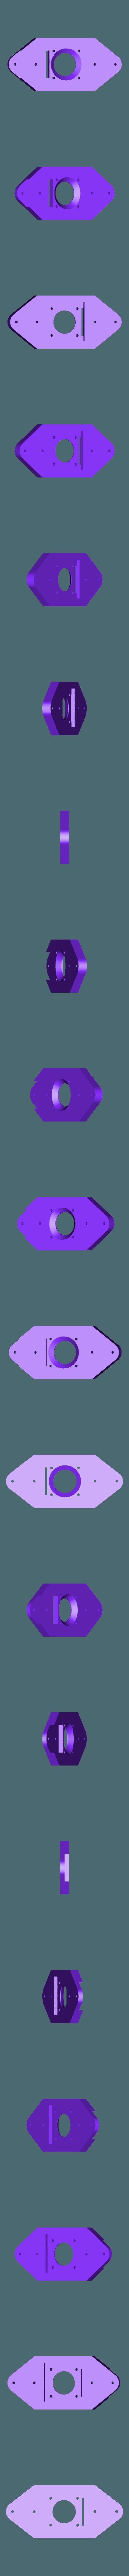 test_v1_test_v1_Component7_1_Body1_Component7.stl Télécharger fichier STL gratuit Test de la machine vibrante • Design imprimable en 3D, TinkersProjects